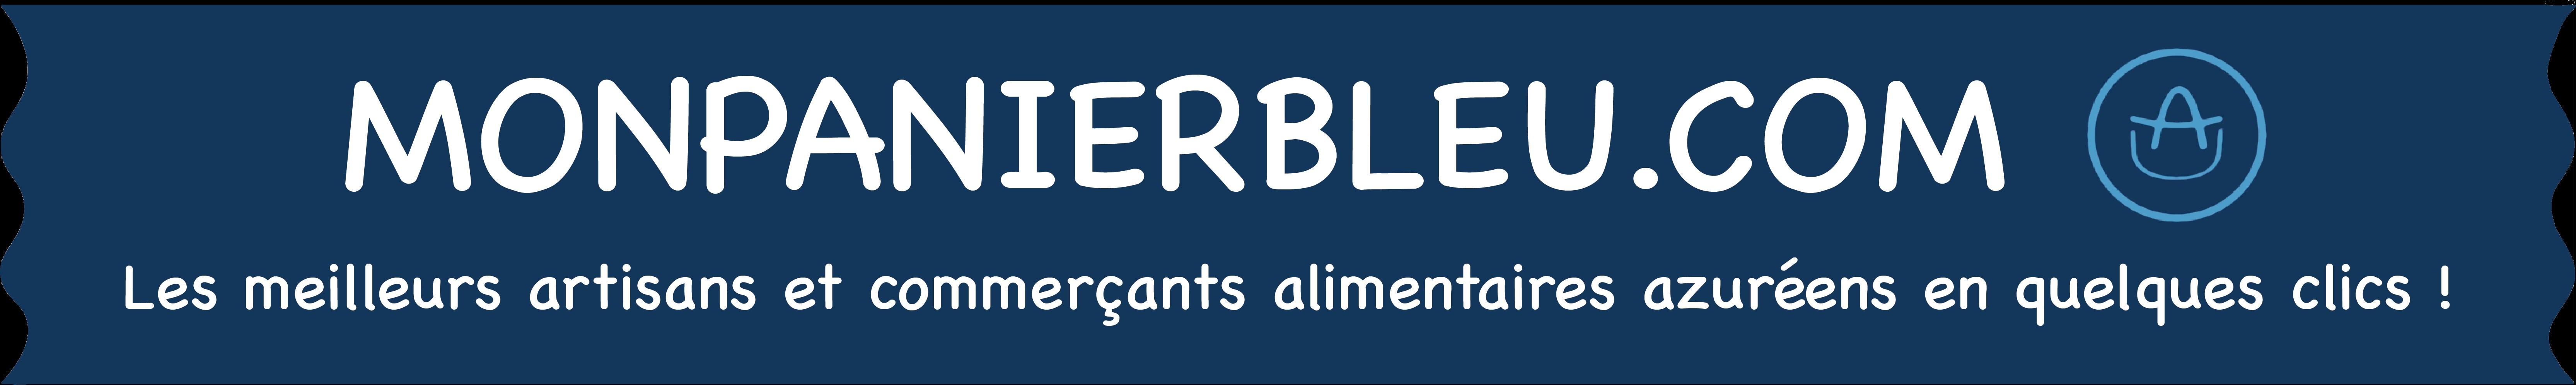 banniere.mpb